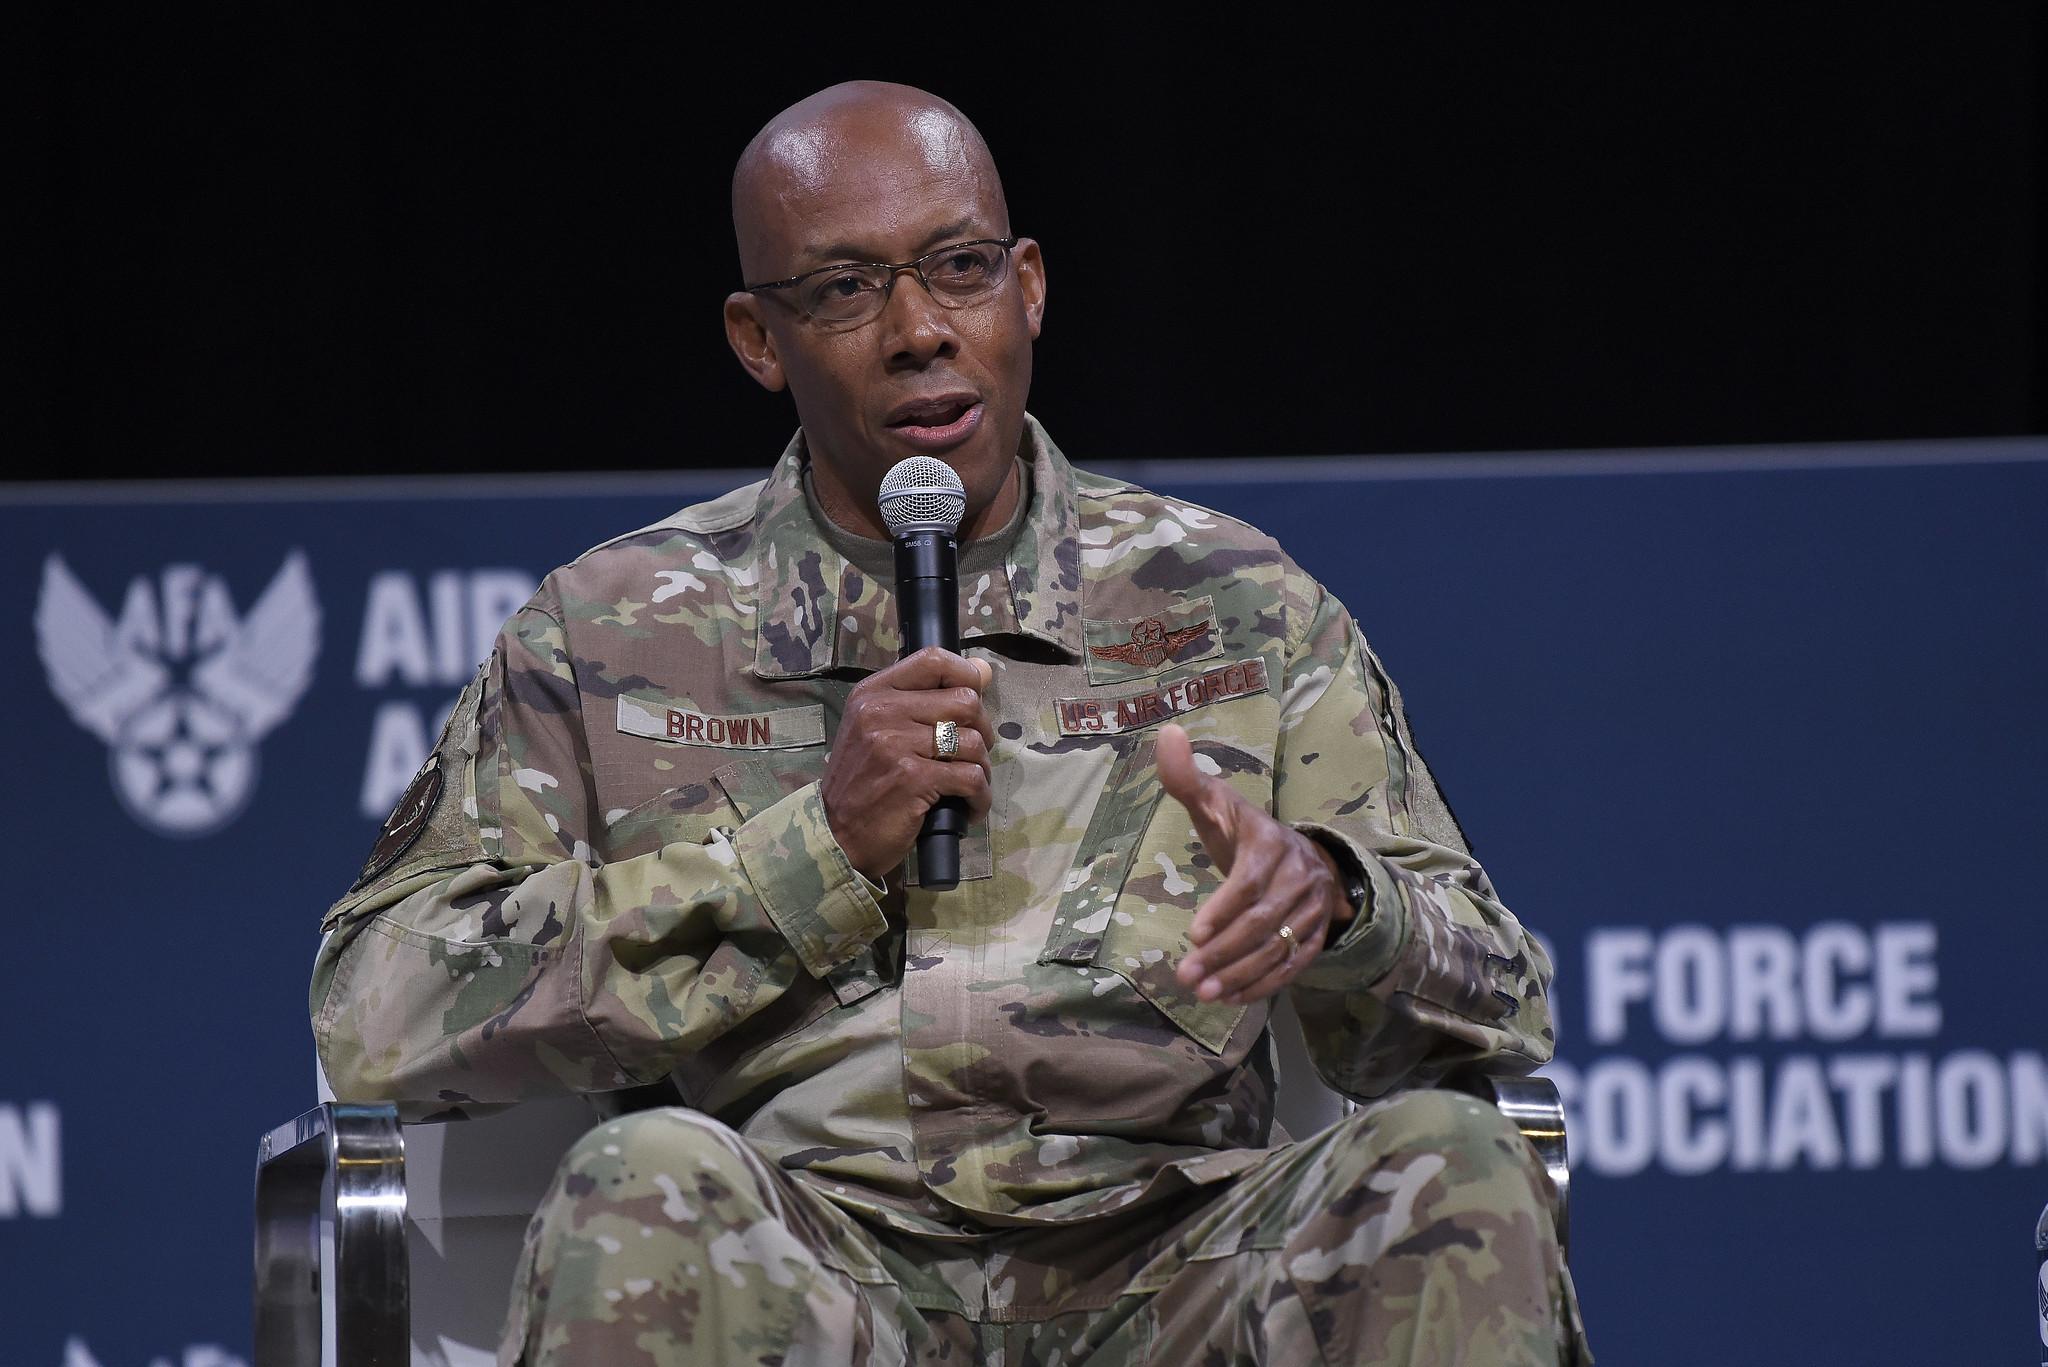 Le général Charles Brown confirmé comme premier chef du service militaire noir dans l'histoire américaine